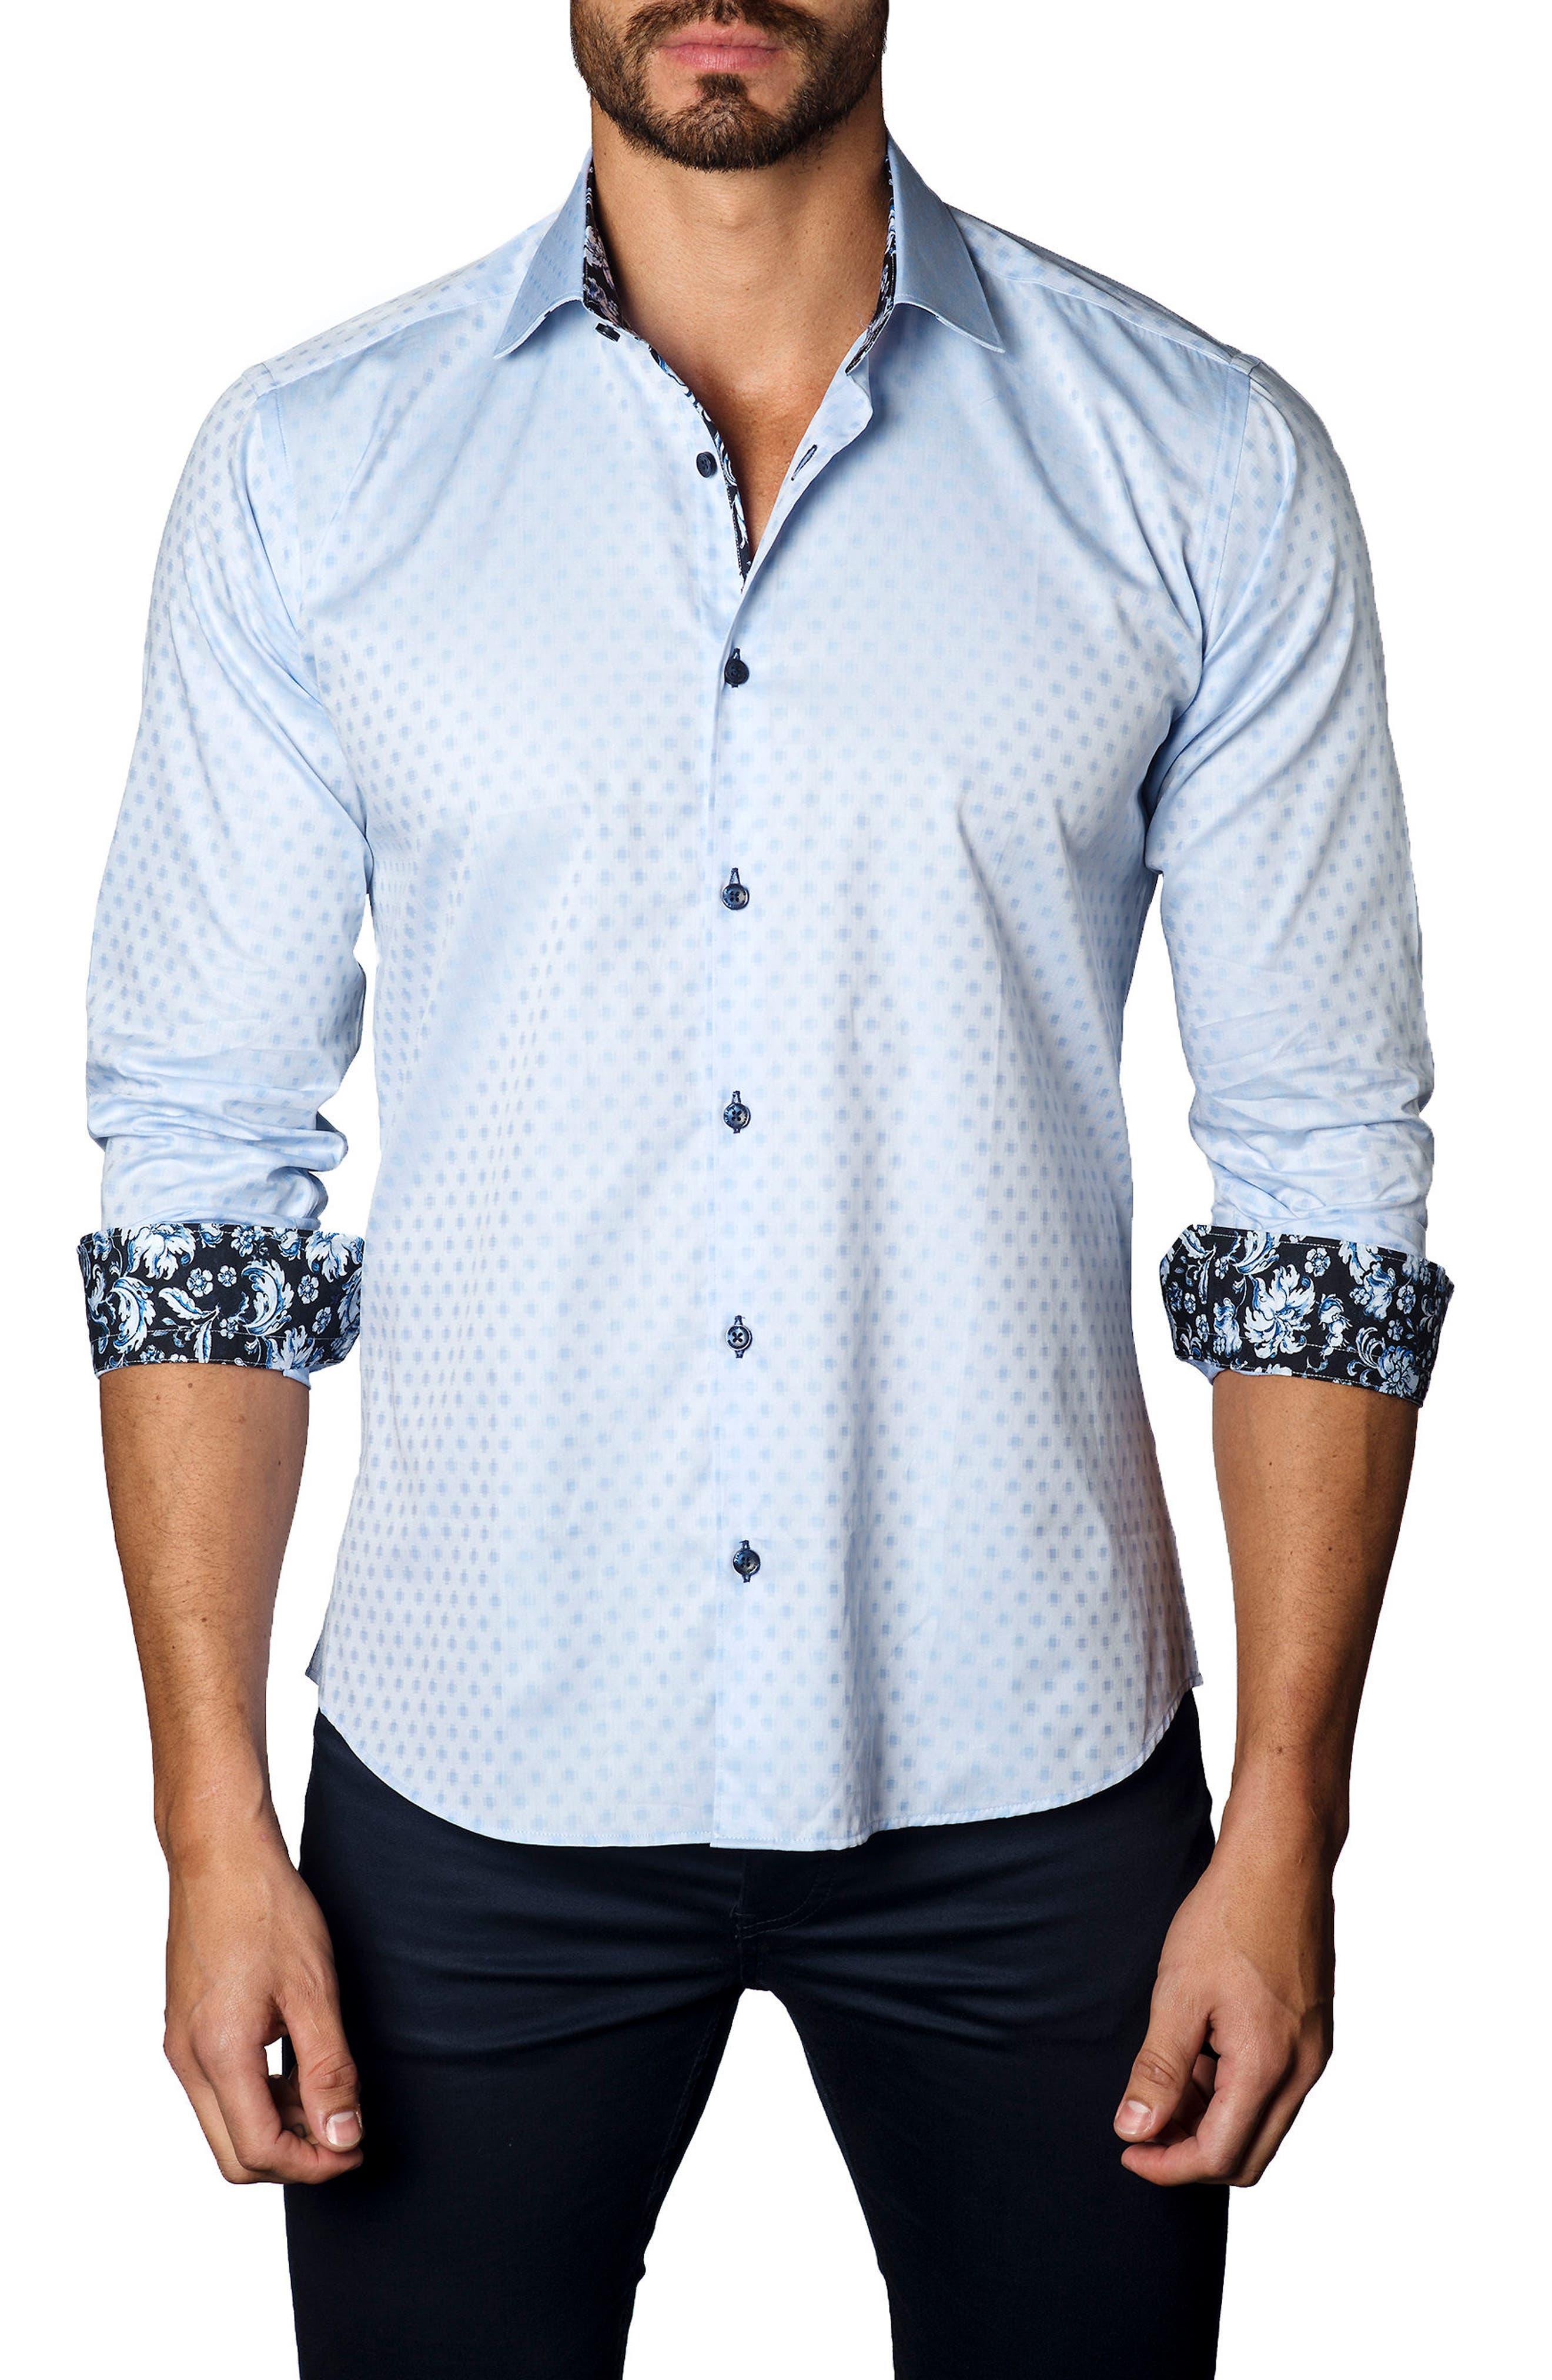 Alternate Image 1 Selected - Jared Lang Trim Fit Dot Print Sport Shirt